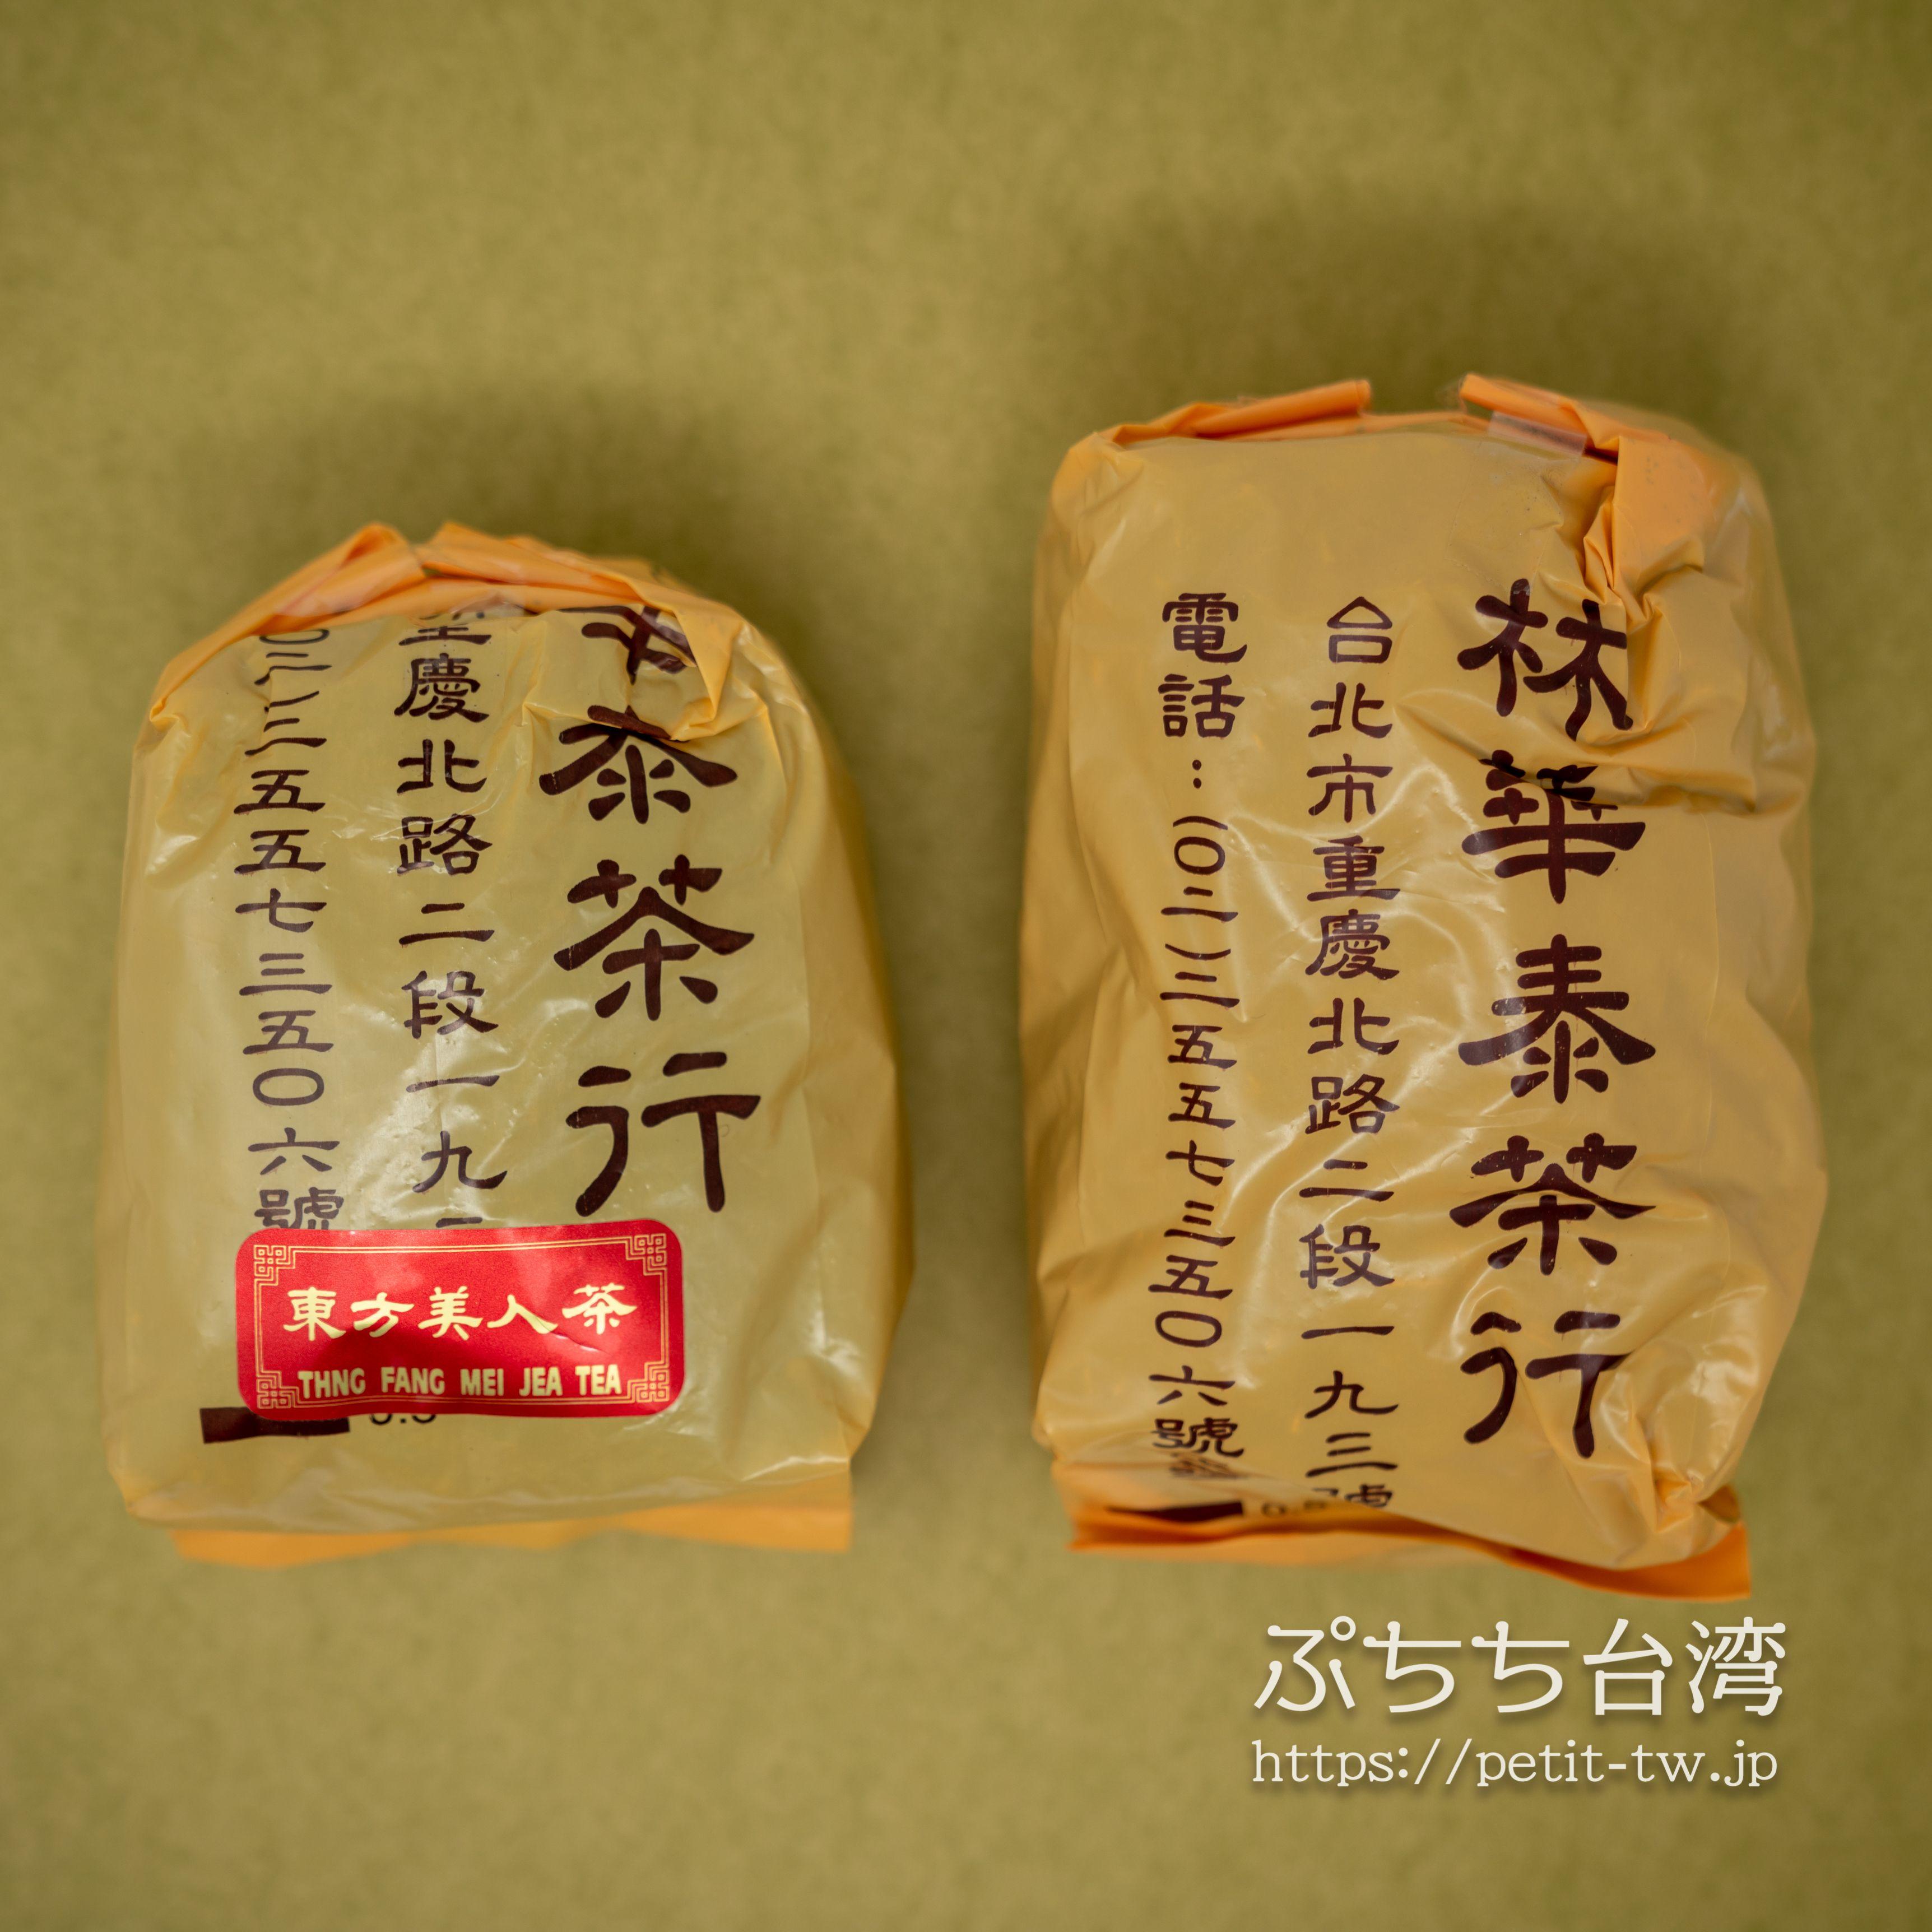 林華泰茶行 上質な台湾茶を購入するならここ 老舗のお茶問屋 台北 台北 グルメ 貝柱 茶